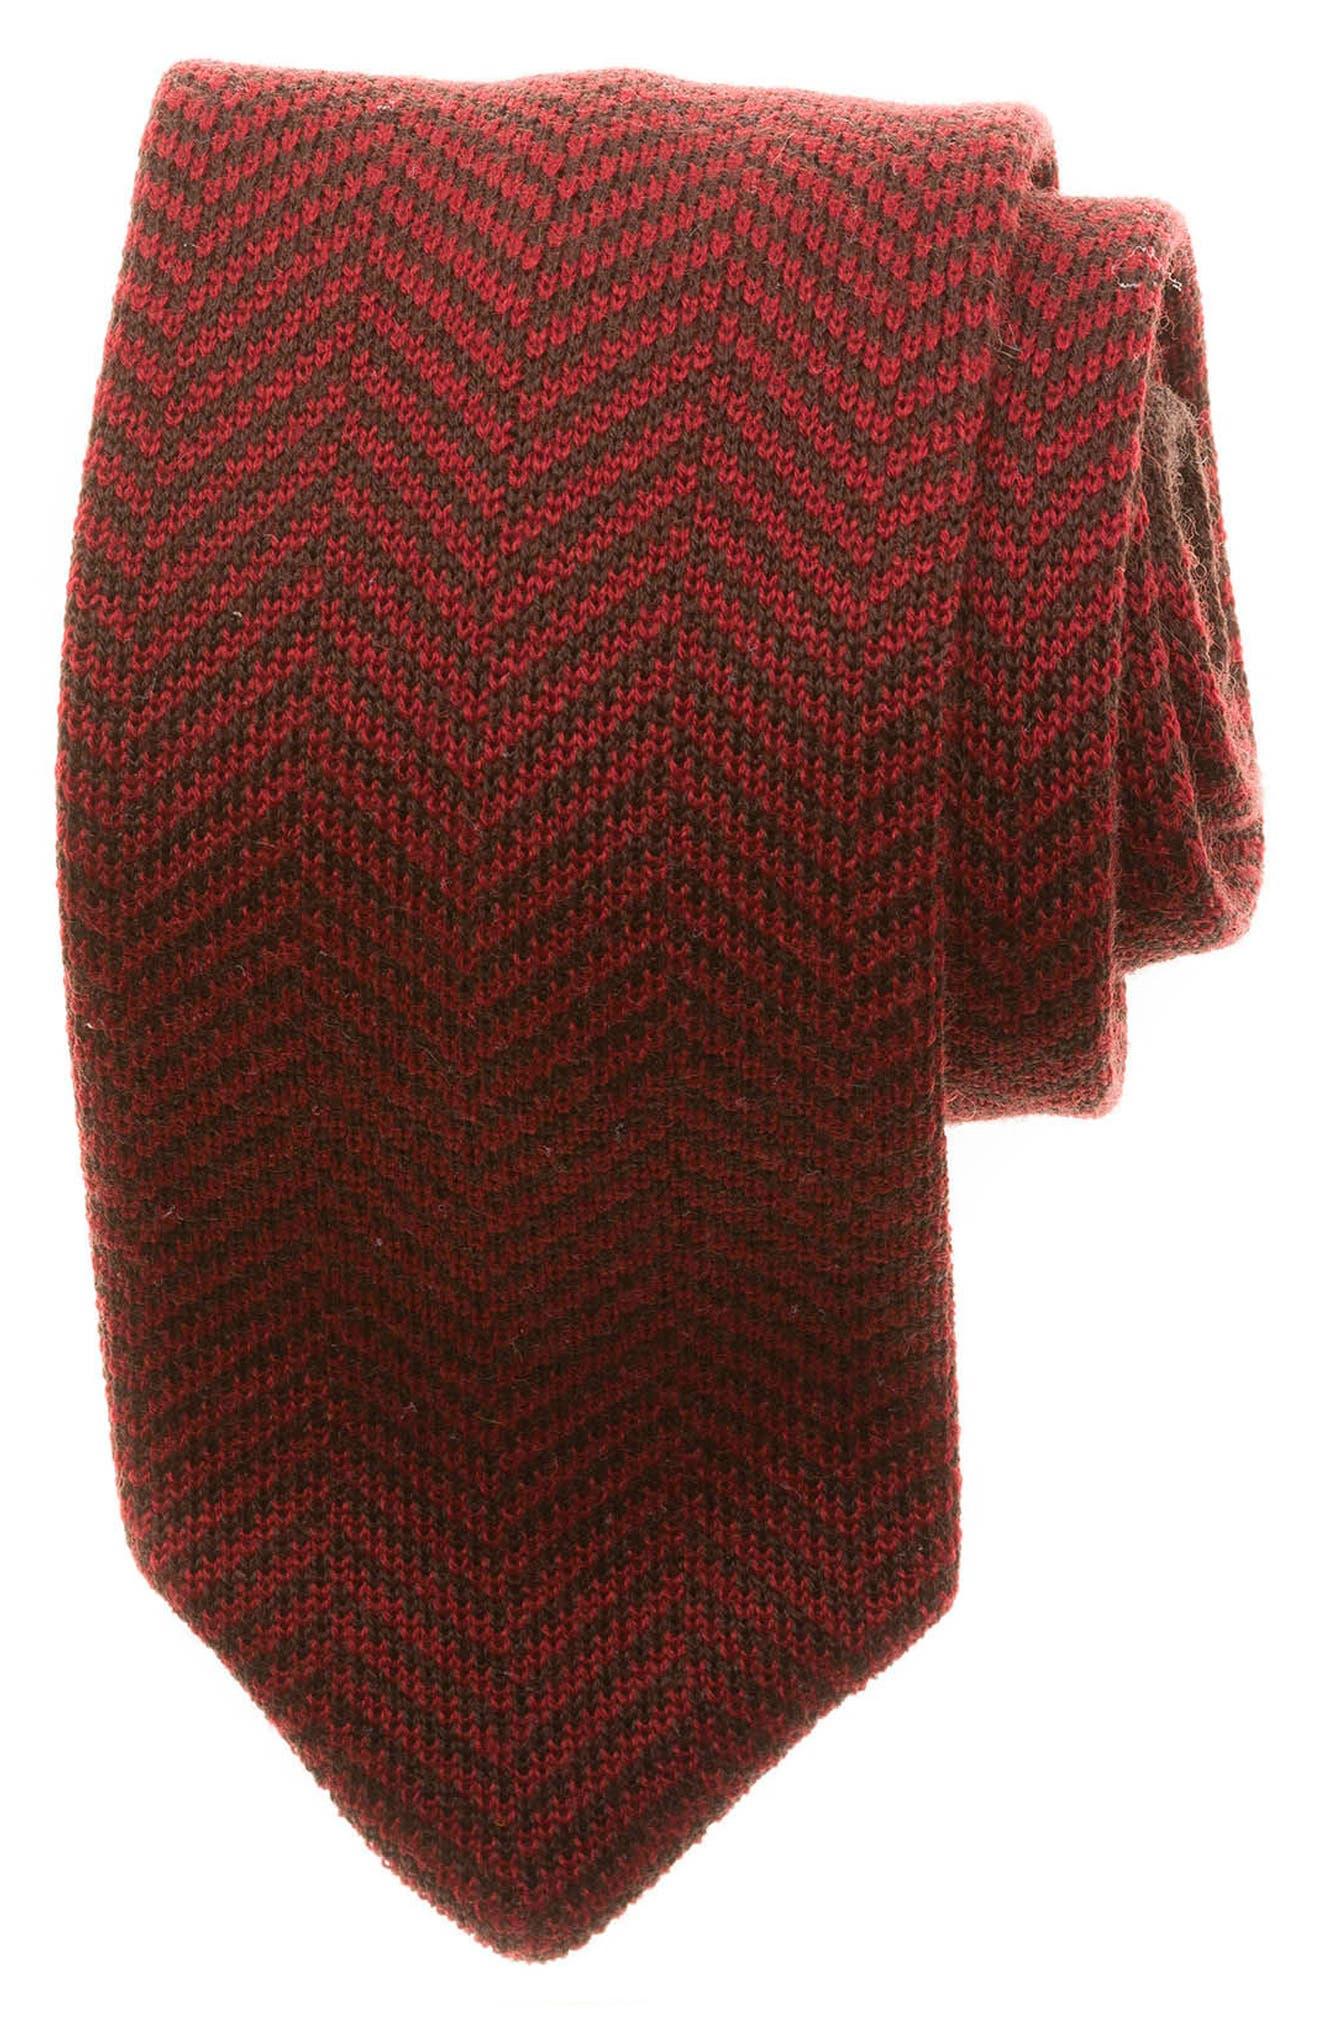 Main Image - hook + ALBERT Herringbone Knit Wool Tie